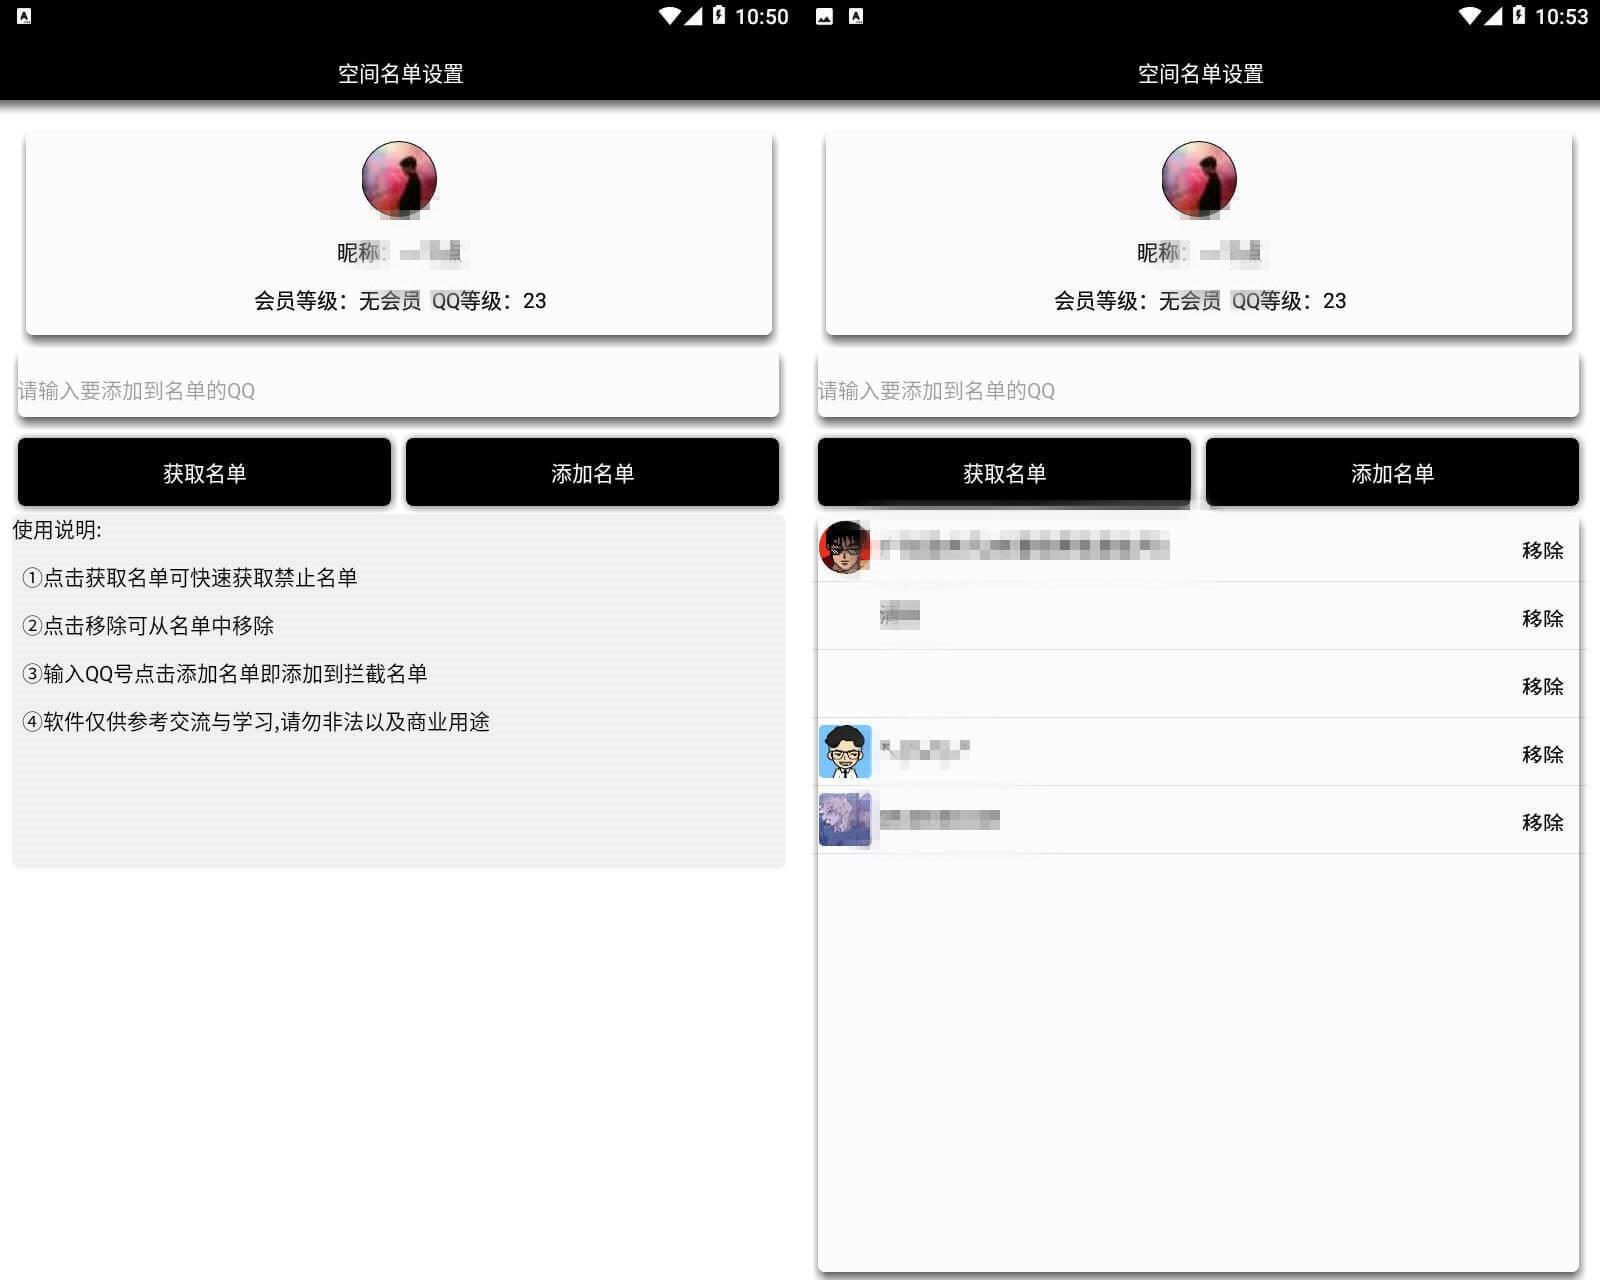 安卓QQ空间黑名单一键设置 秒赞秒评拉黑清理